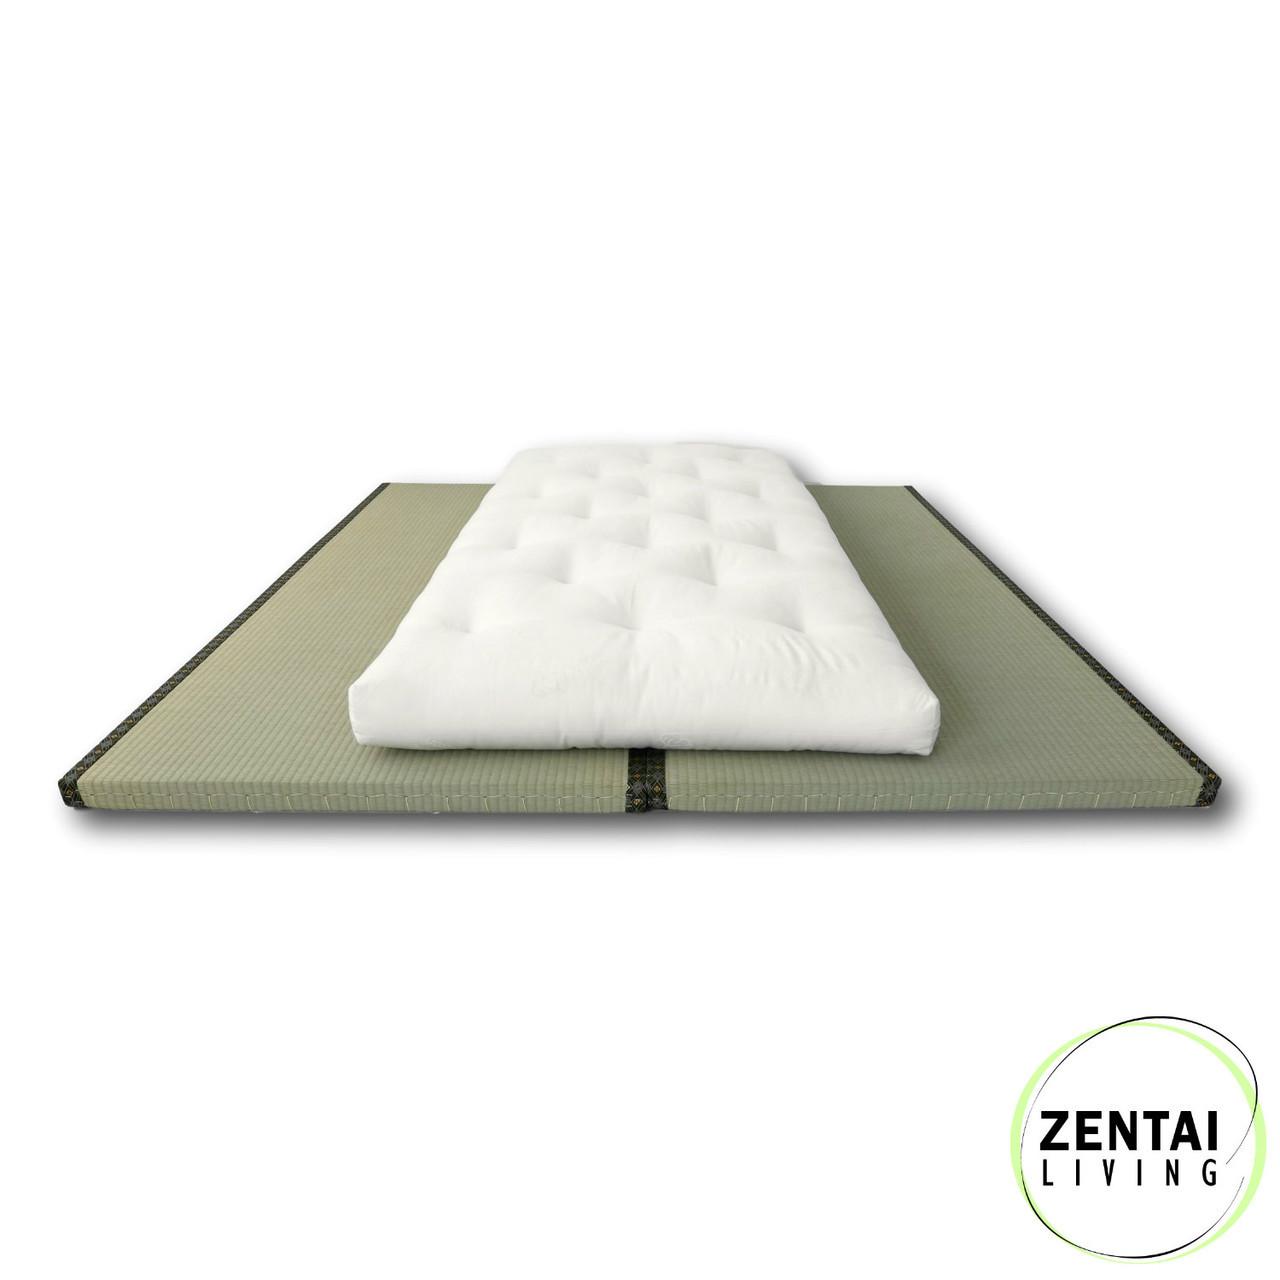 Tatami Futon futon mattress the basic 10 cm all cotton futon